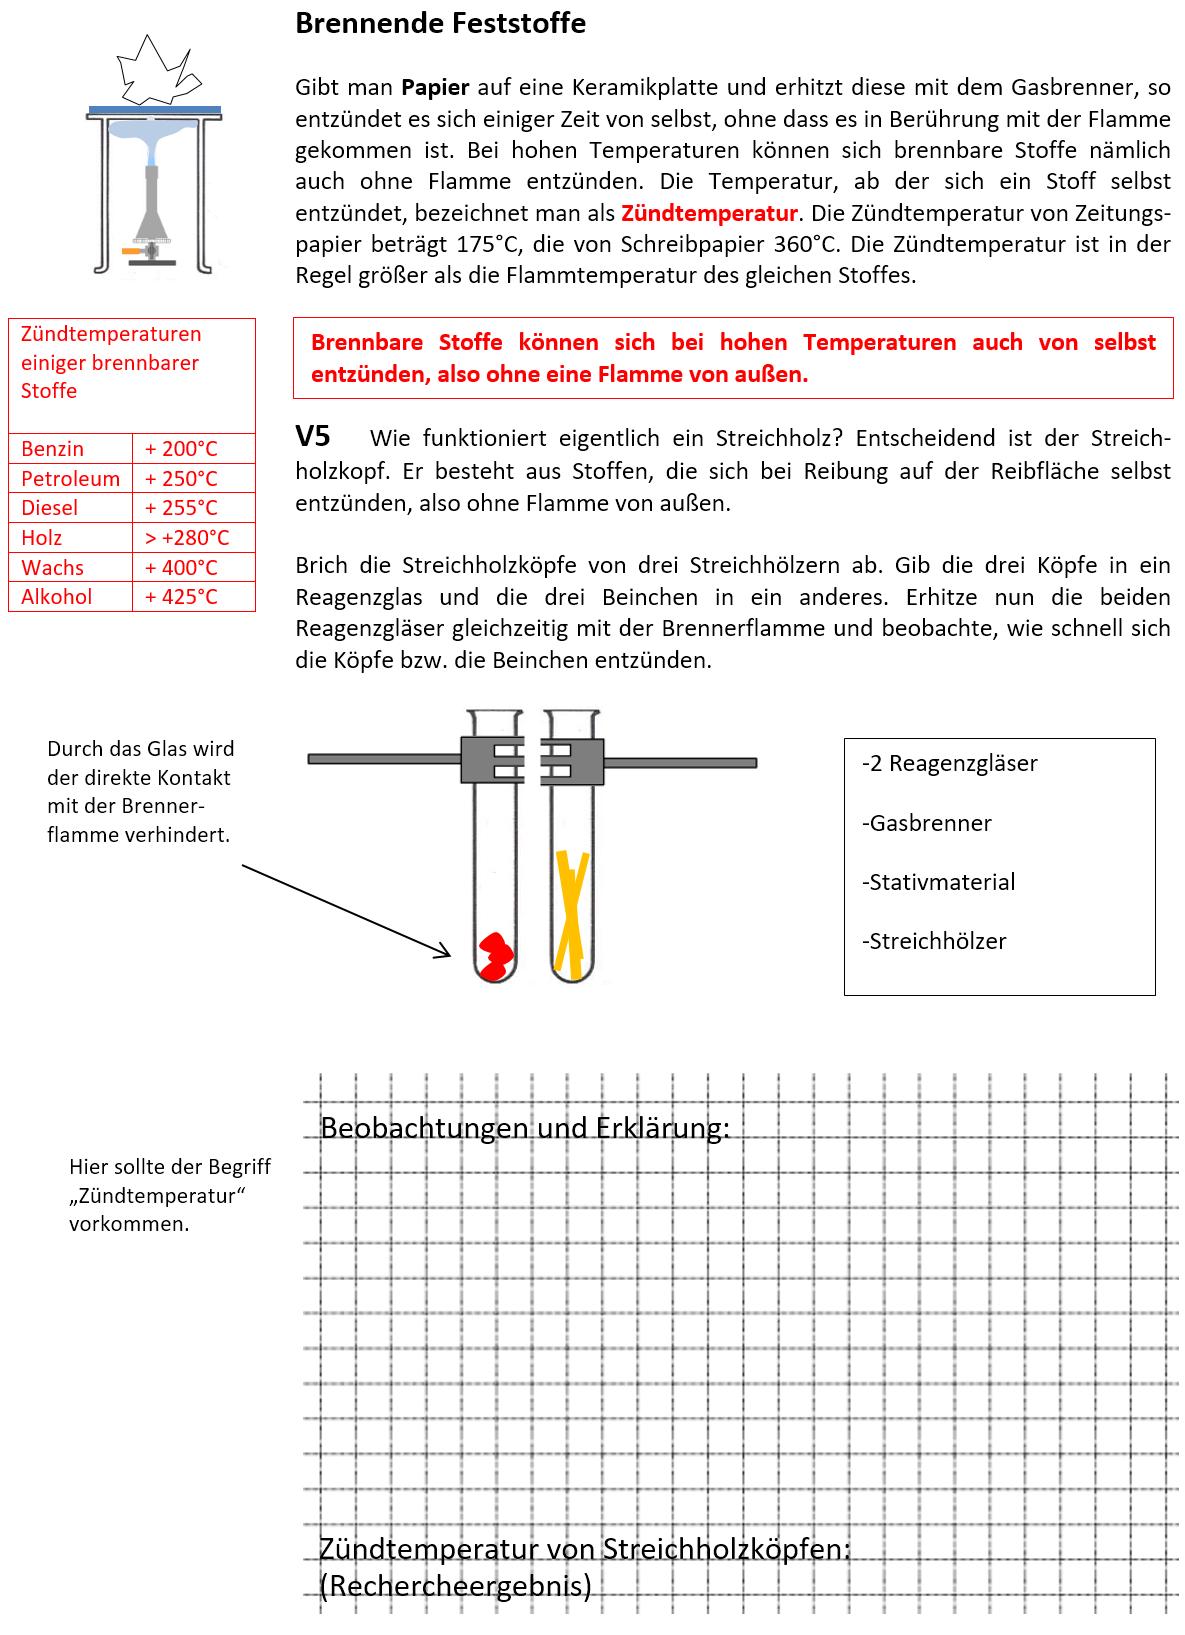 Wunderbar Arbeitsblattvorlagen Planen Fotos - Entry Level Resume ...